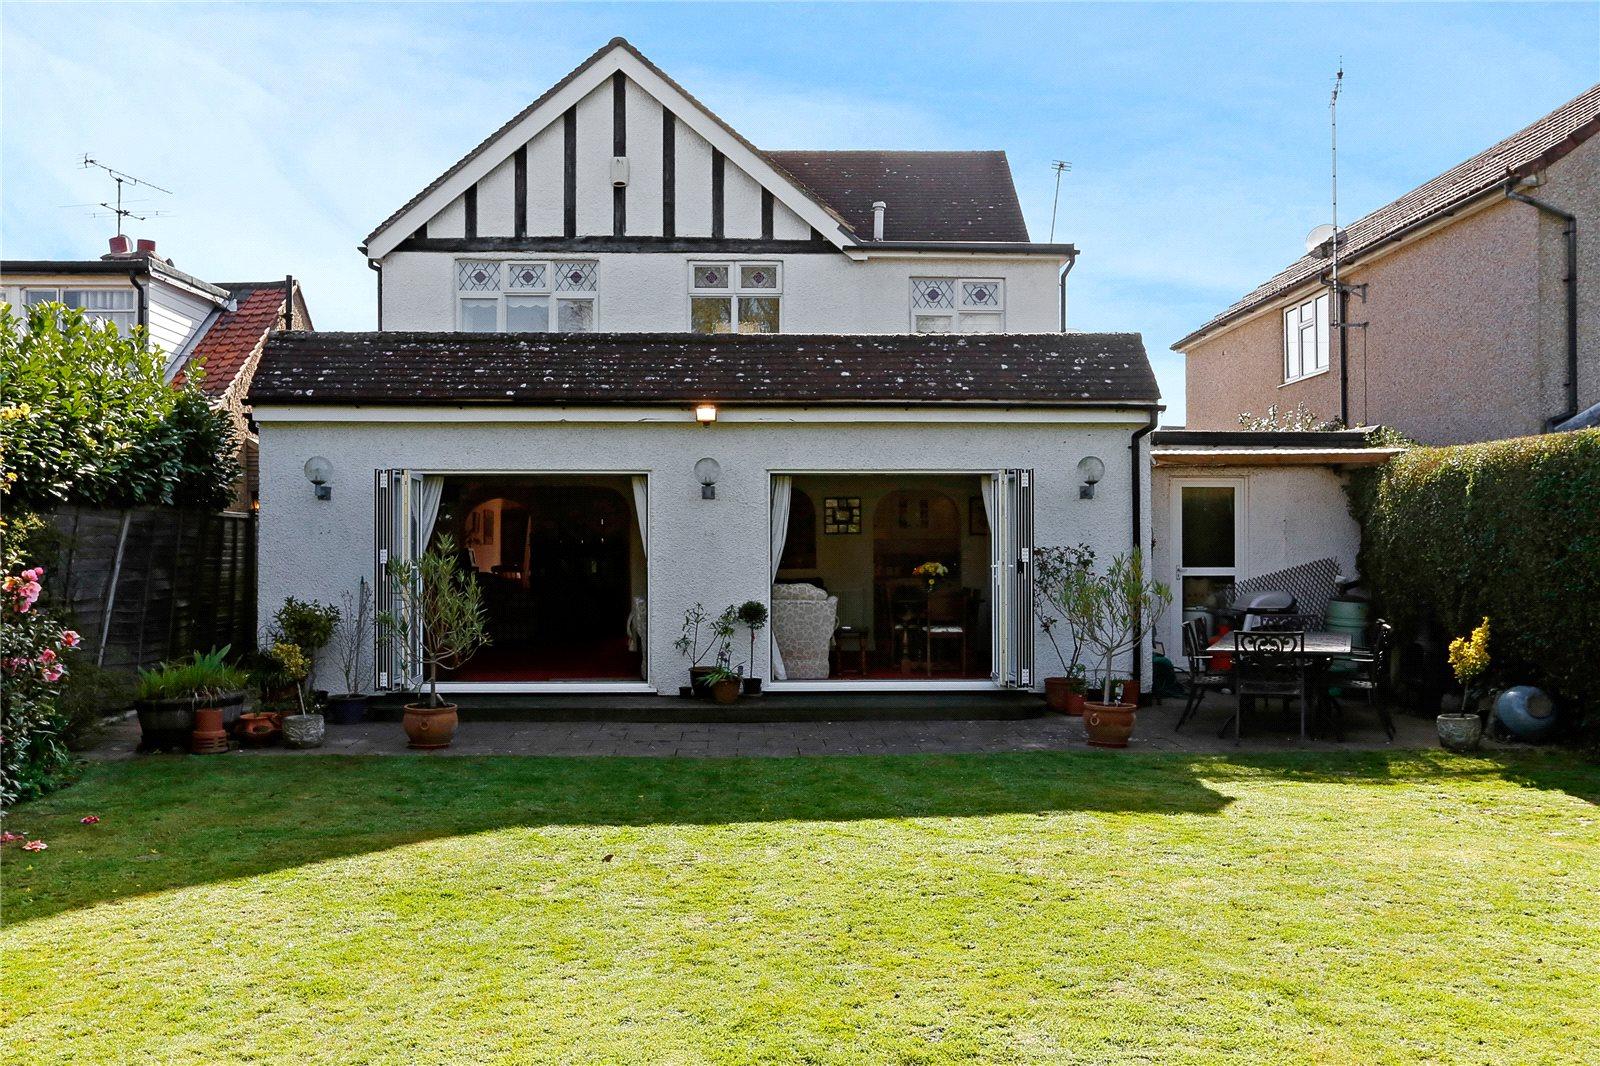 4 bedroom detached house for sale in cheapside lane denham village denham buckinghamshire ub9